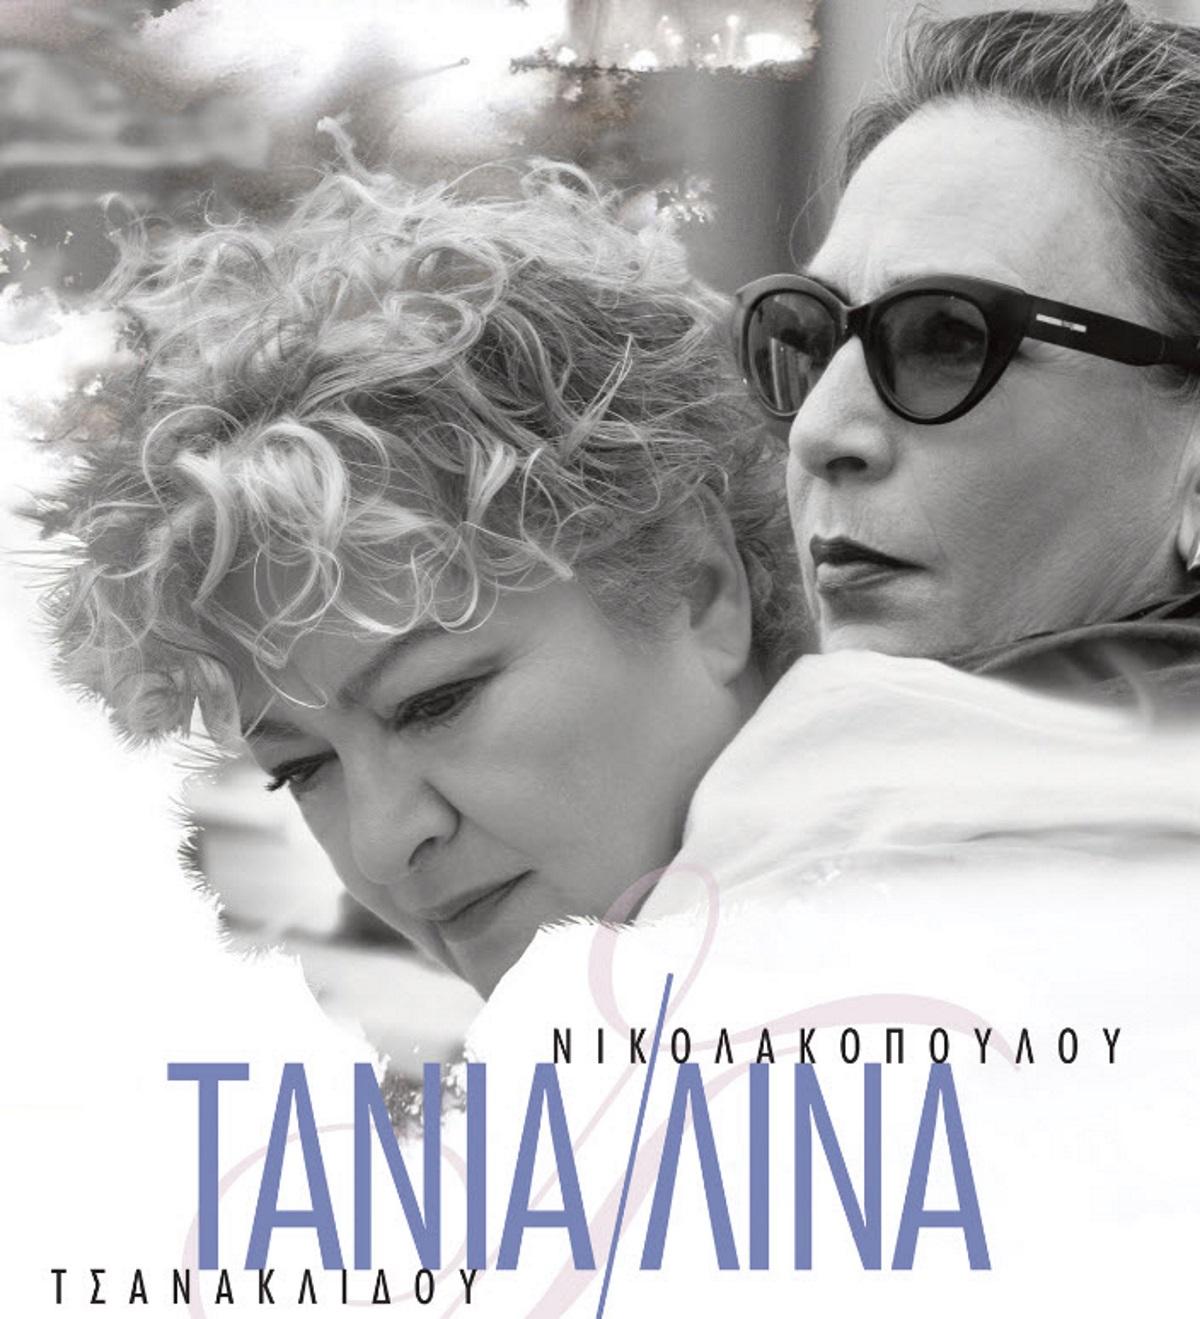 Τάνια Τσανακλίδου και Λίνα Νικολακοπούλου: Μία συναυλία γιορτή